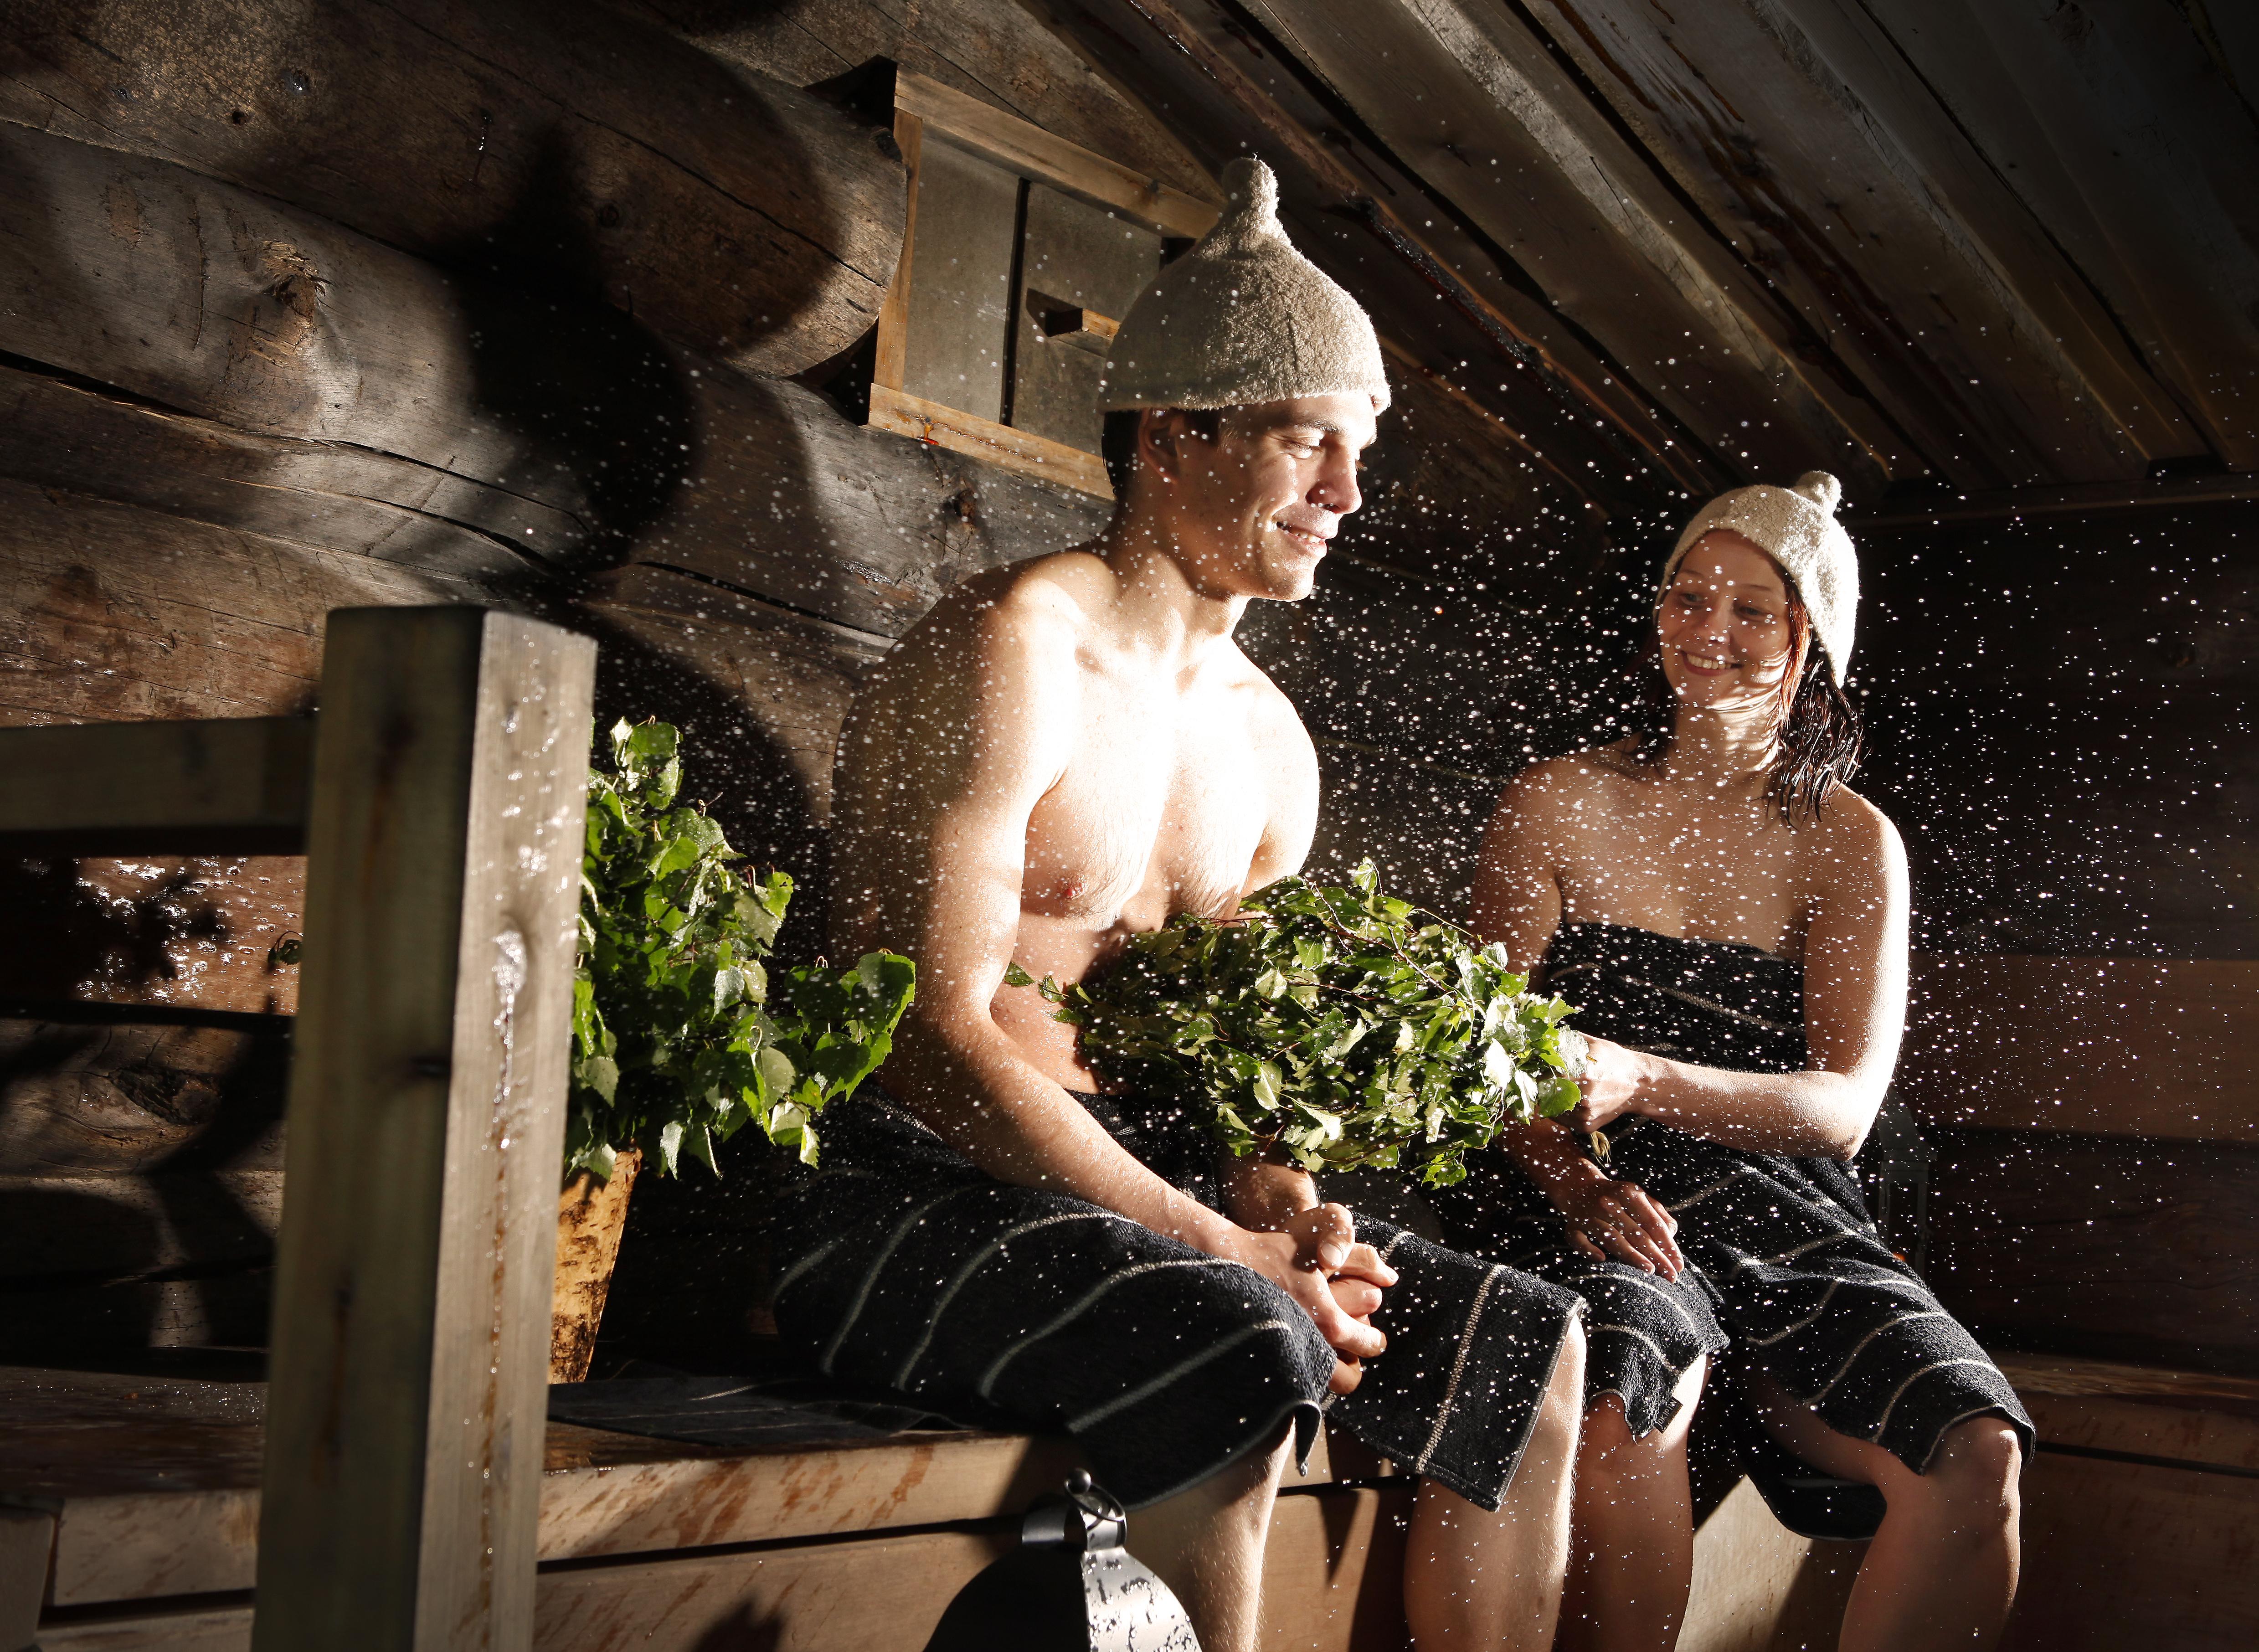 Ich_bin_dann_mal_relaxt - Saunatour-high-quer